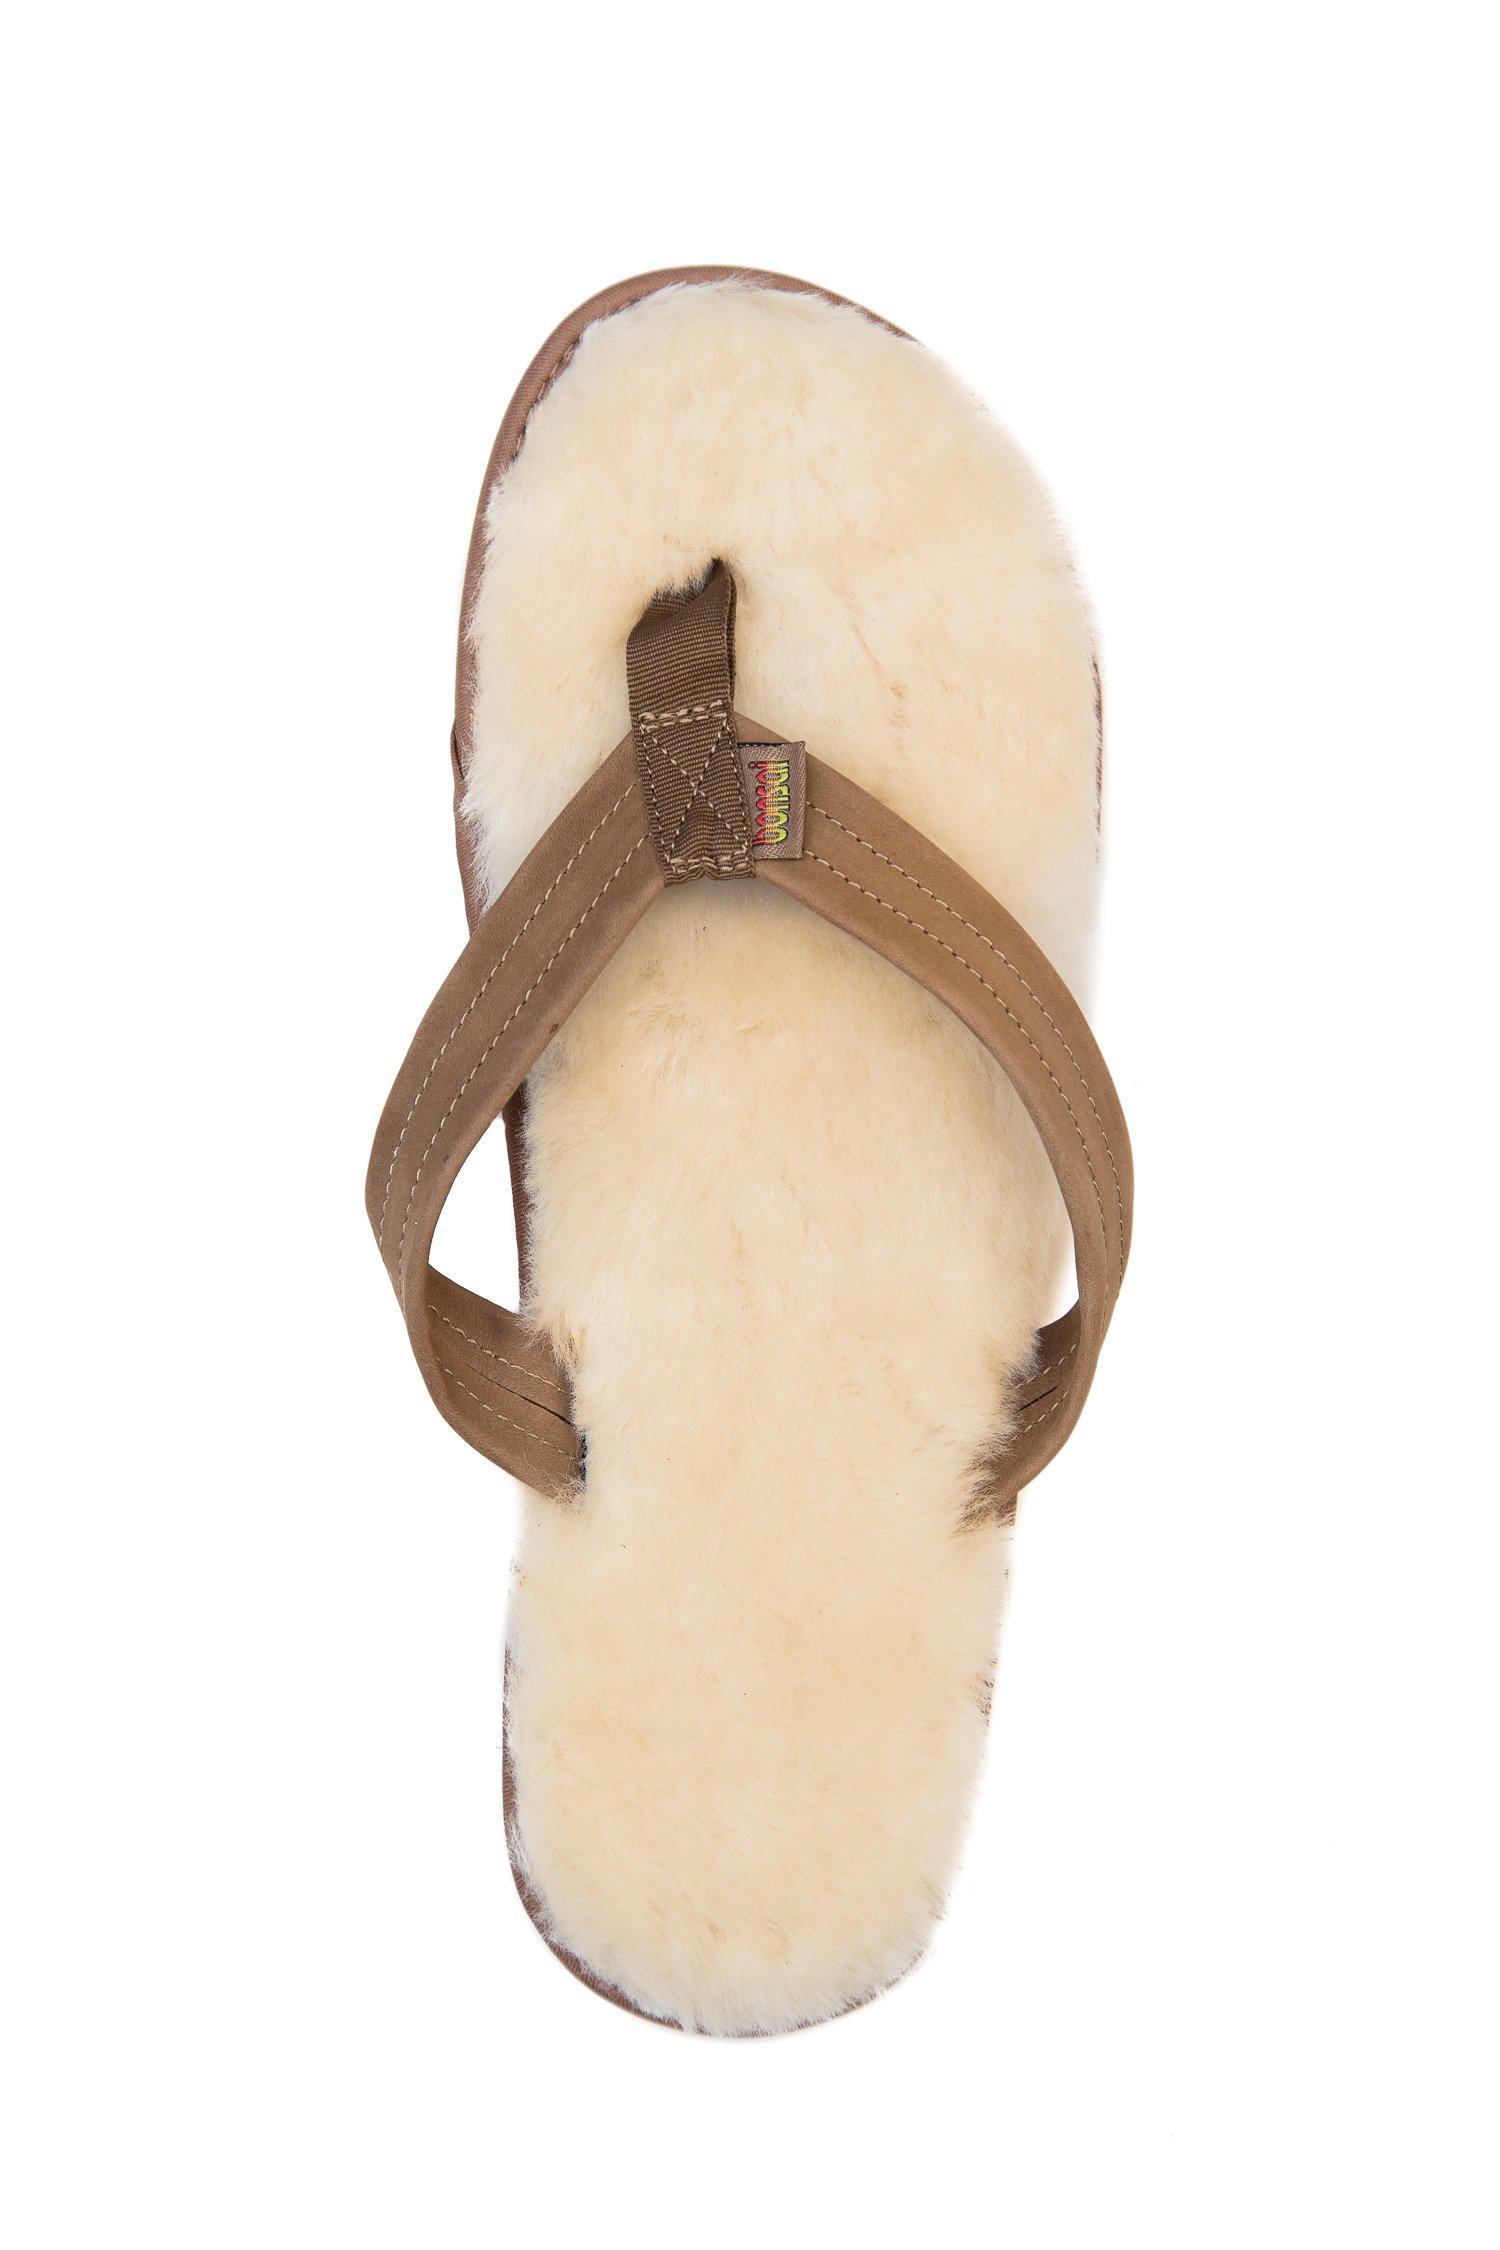 Bonsai Men's Sheepskin Sandal Flip Flops, Brown, 12 US by Bonsai Sandals (Image #4)